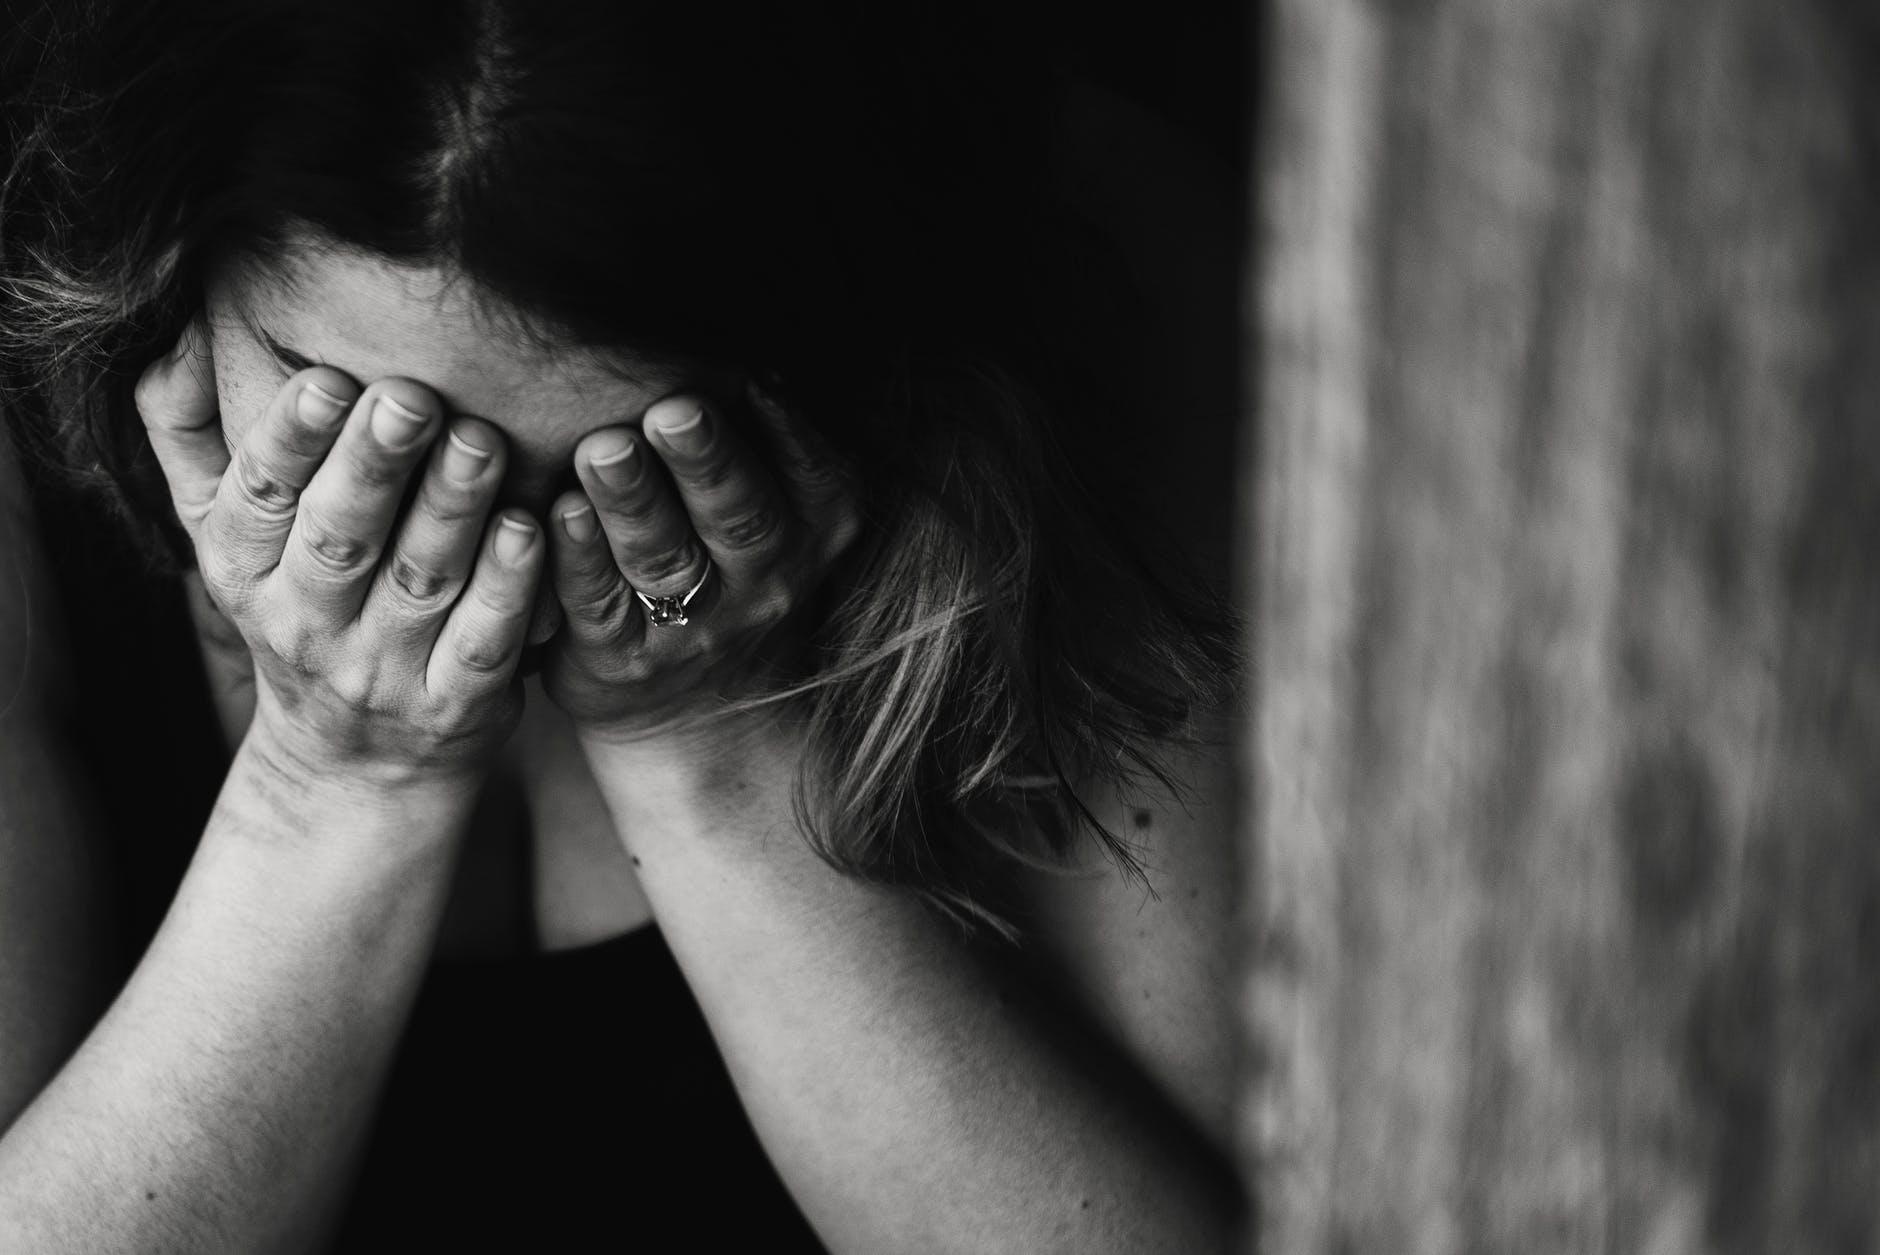 Duelo por víctima en hecho violento: guía para parientes y allegados